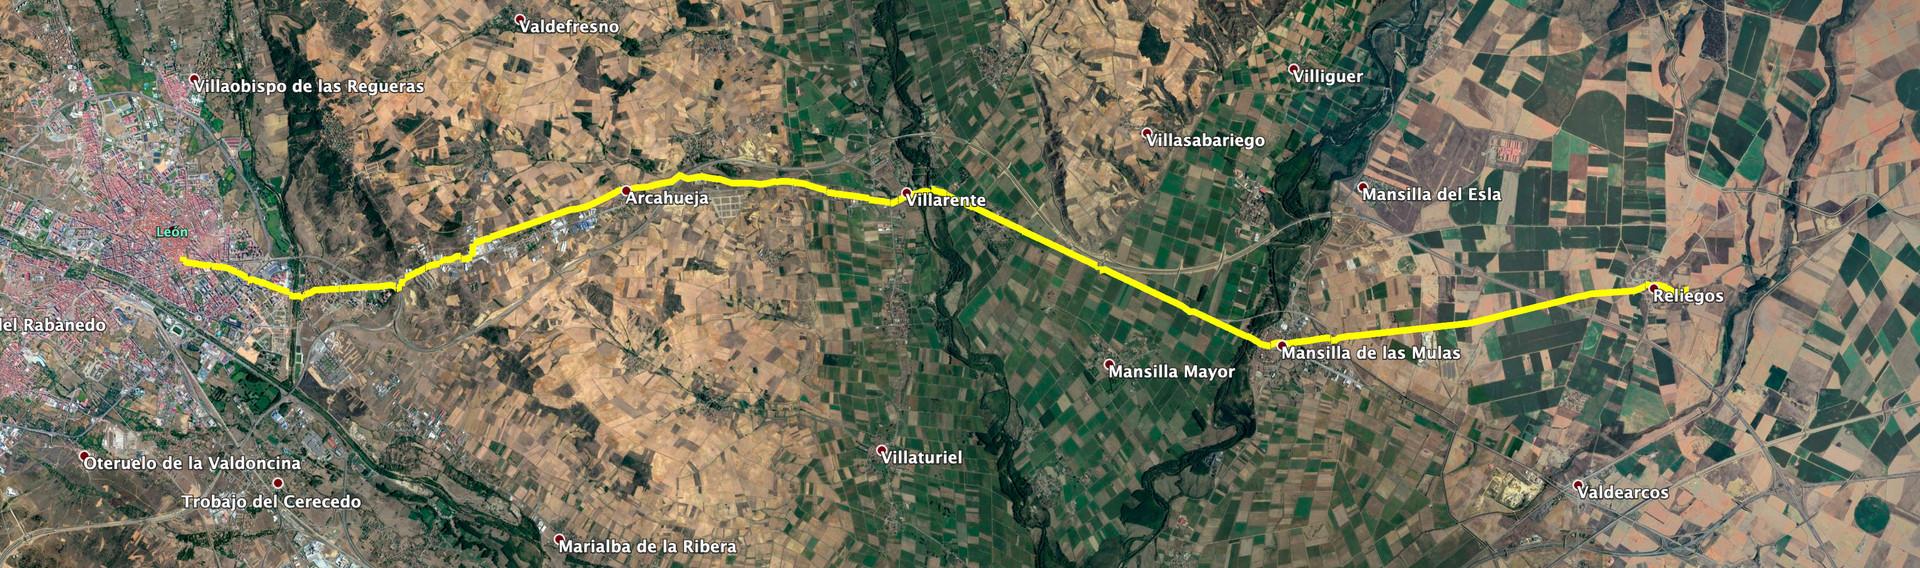 CF Day 20 Map.jpg